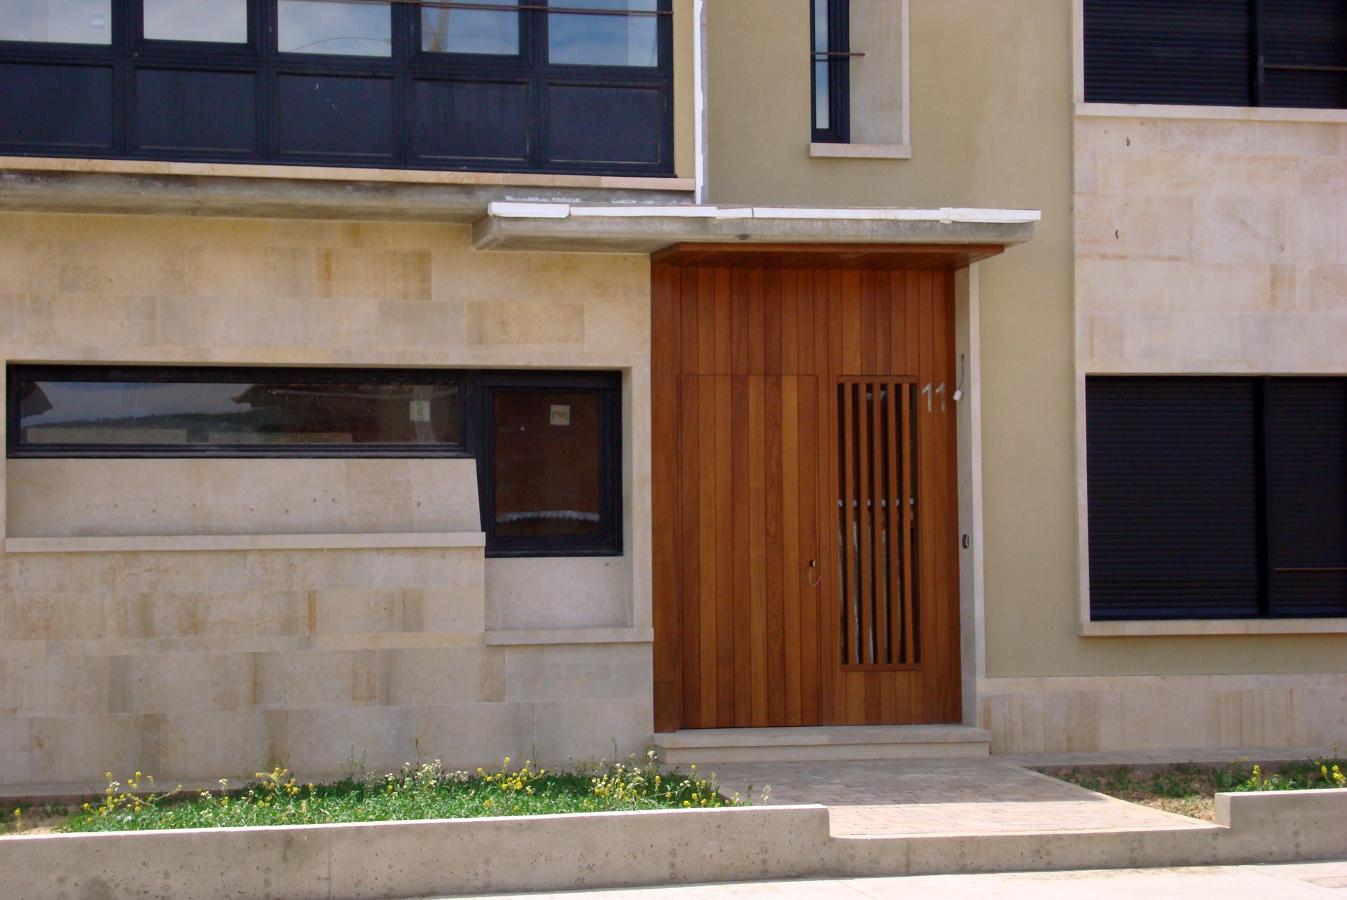 Foto puerta entrada vivienda en madera de carpinter a for Puertas para vivienda